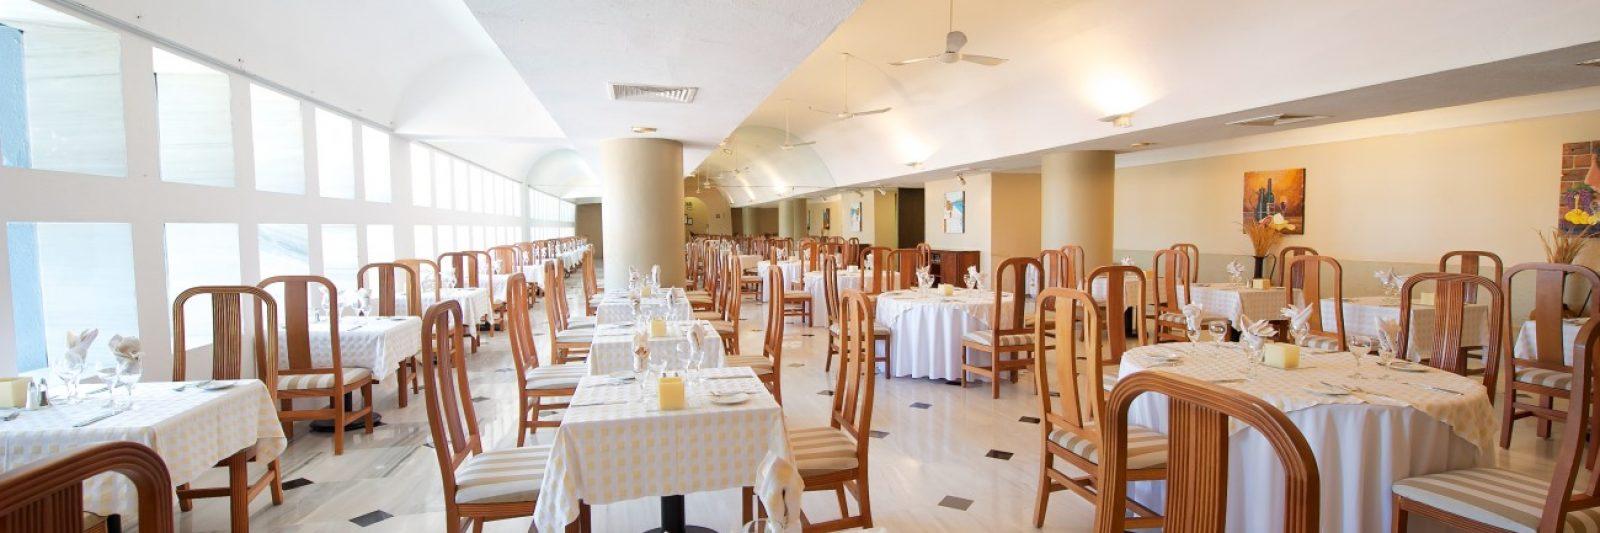 Restaurantes las brisas huatulco